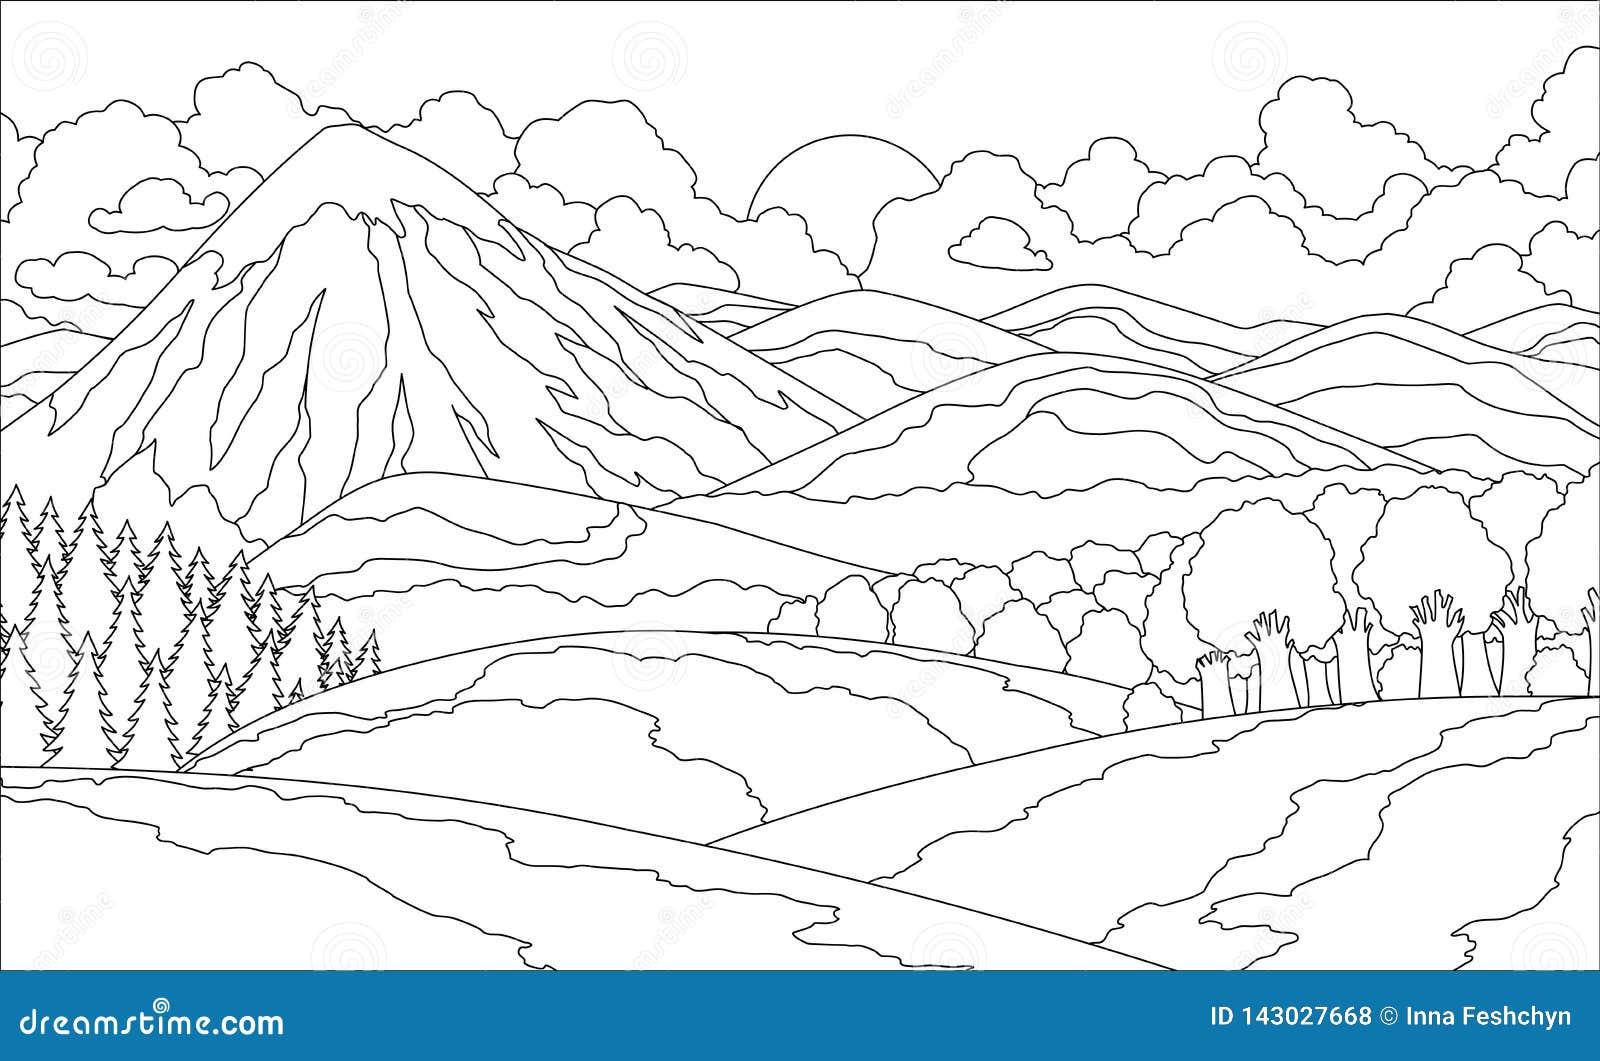 Livre De Coloriage De Paysage De Montagne D Ete Illustration De Vecteur De Vallee Illustration De Vecteur Illustration Du Coloriage Illustration 143027668